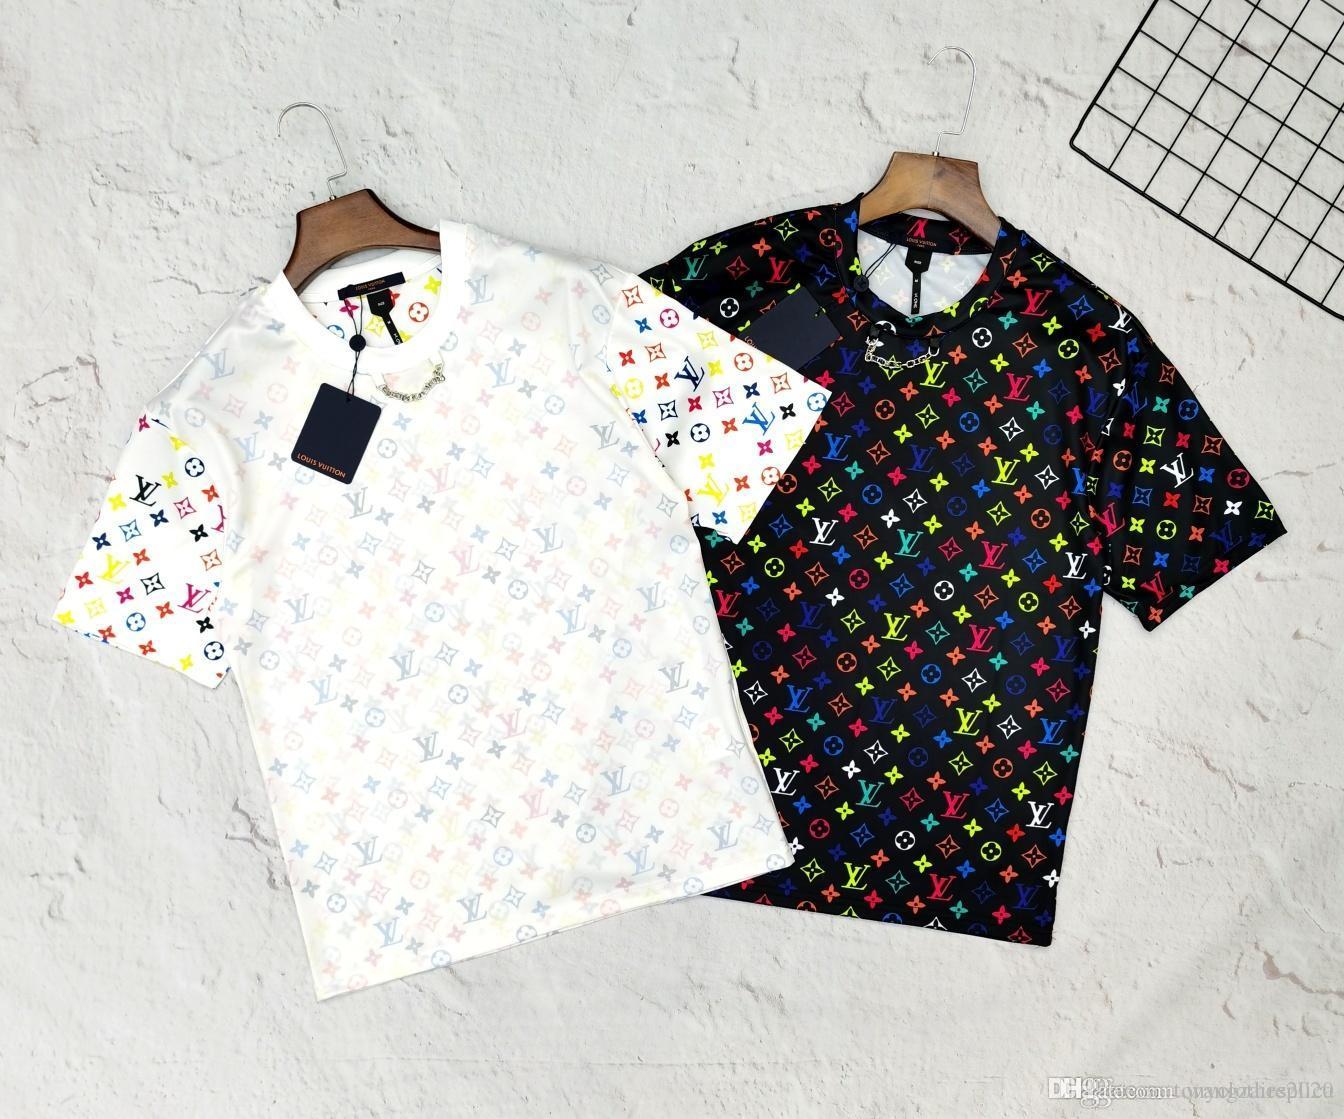 2020 nuovi mens di lusso del progettista marchi di moda donne maglietta vestiti estate sovradimensionato classico abbigliamento ColorfulMonogram camicie casual 5.23